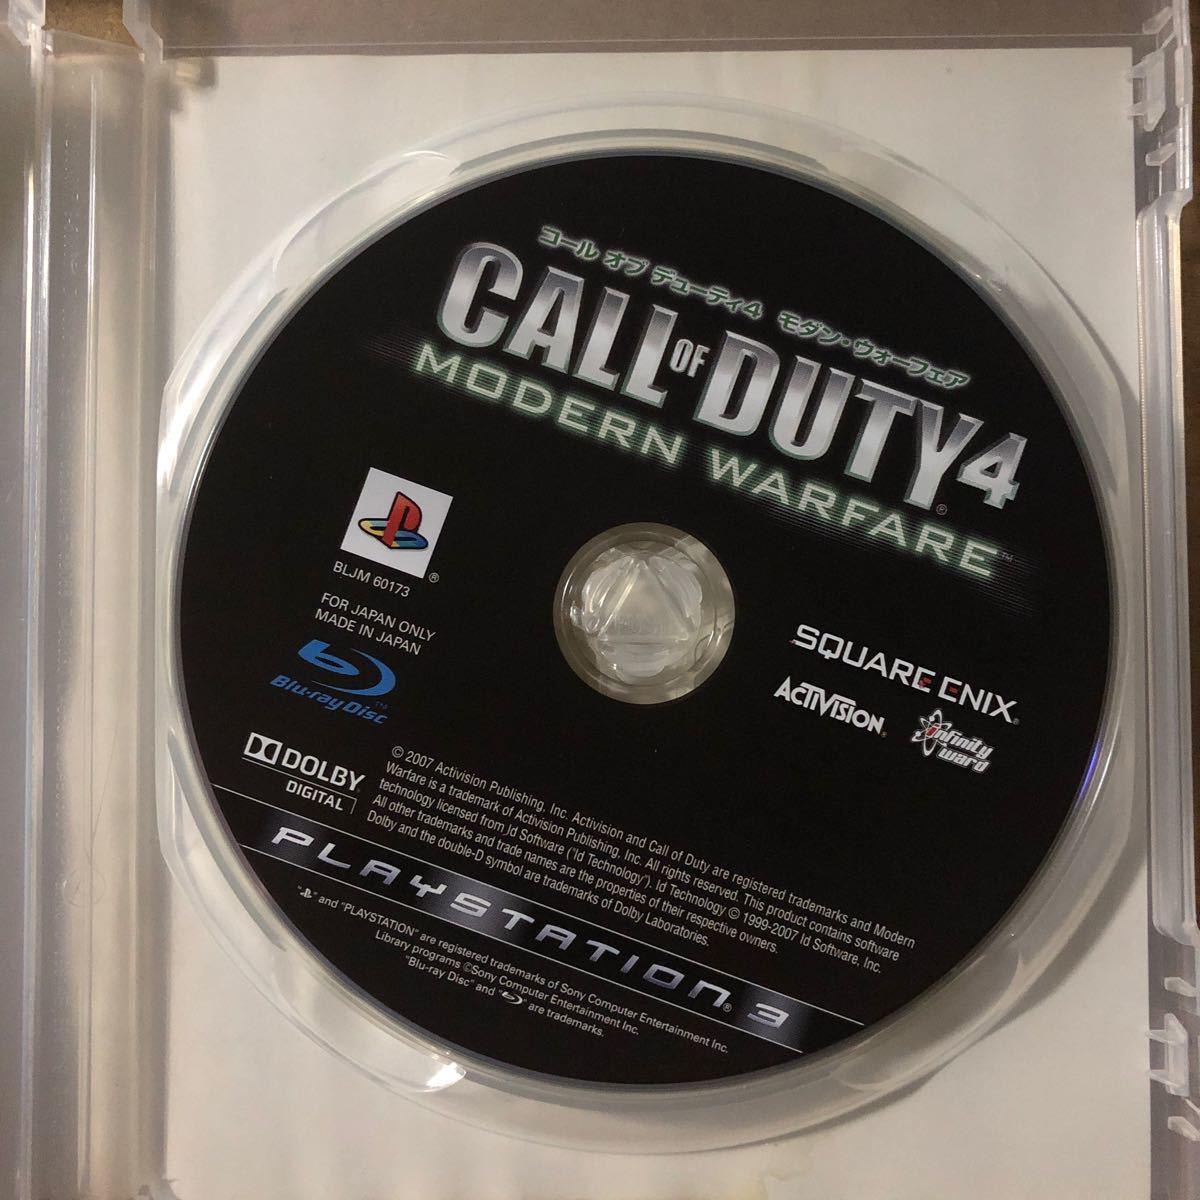 コールオブデューティ4 モダン・ウォーフェア PS3